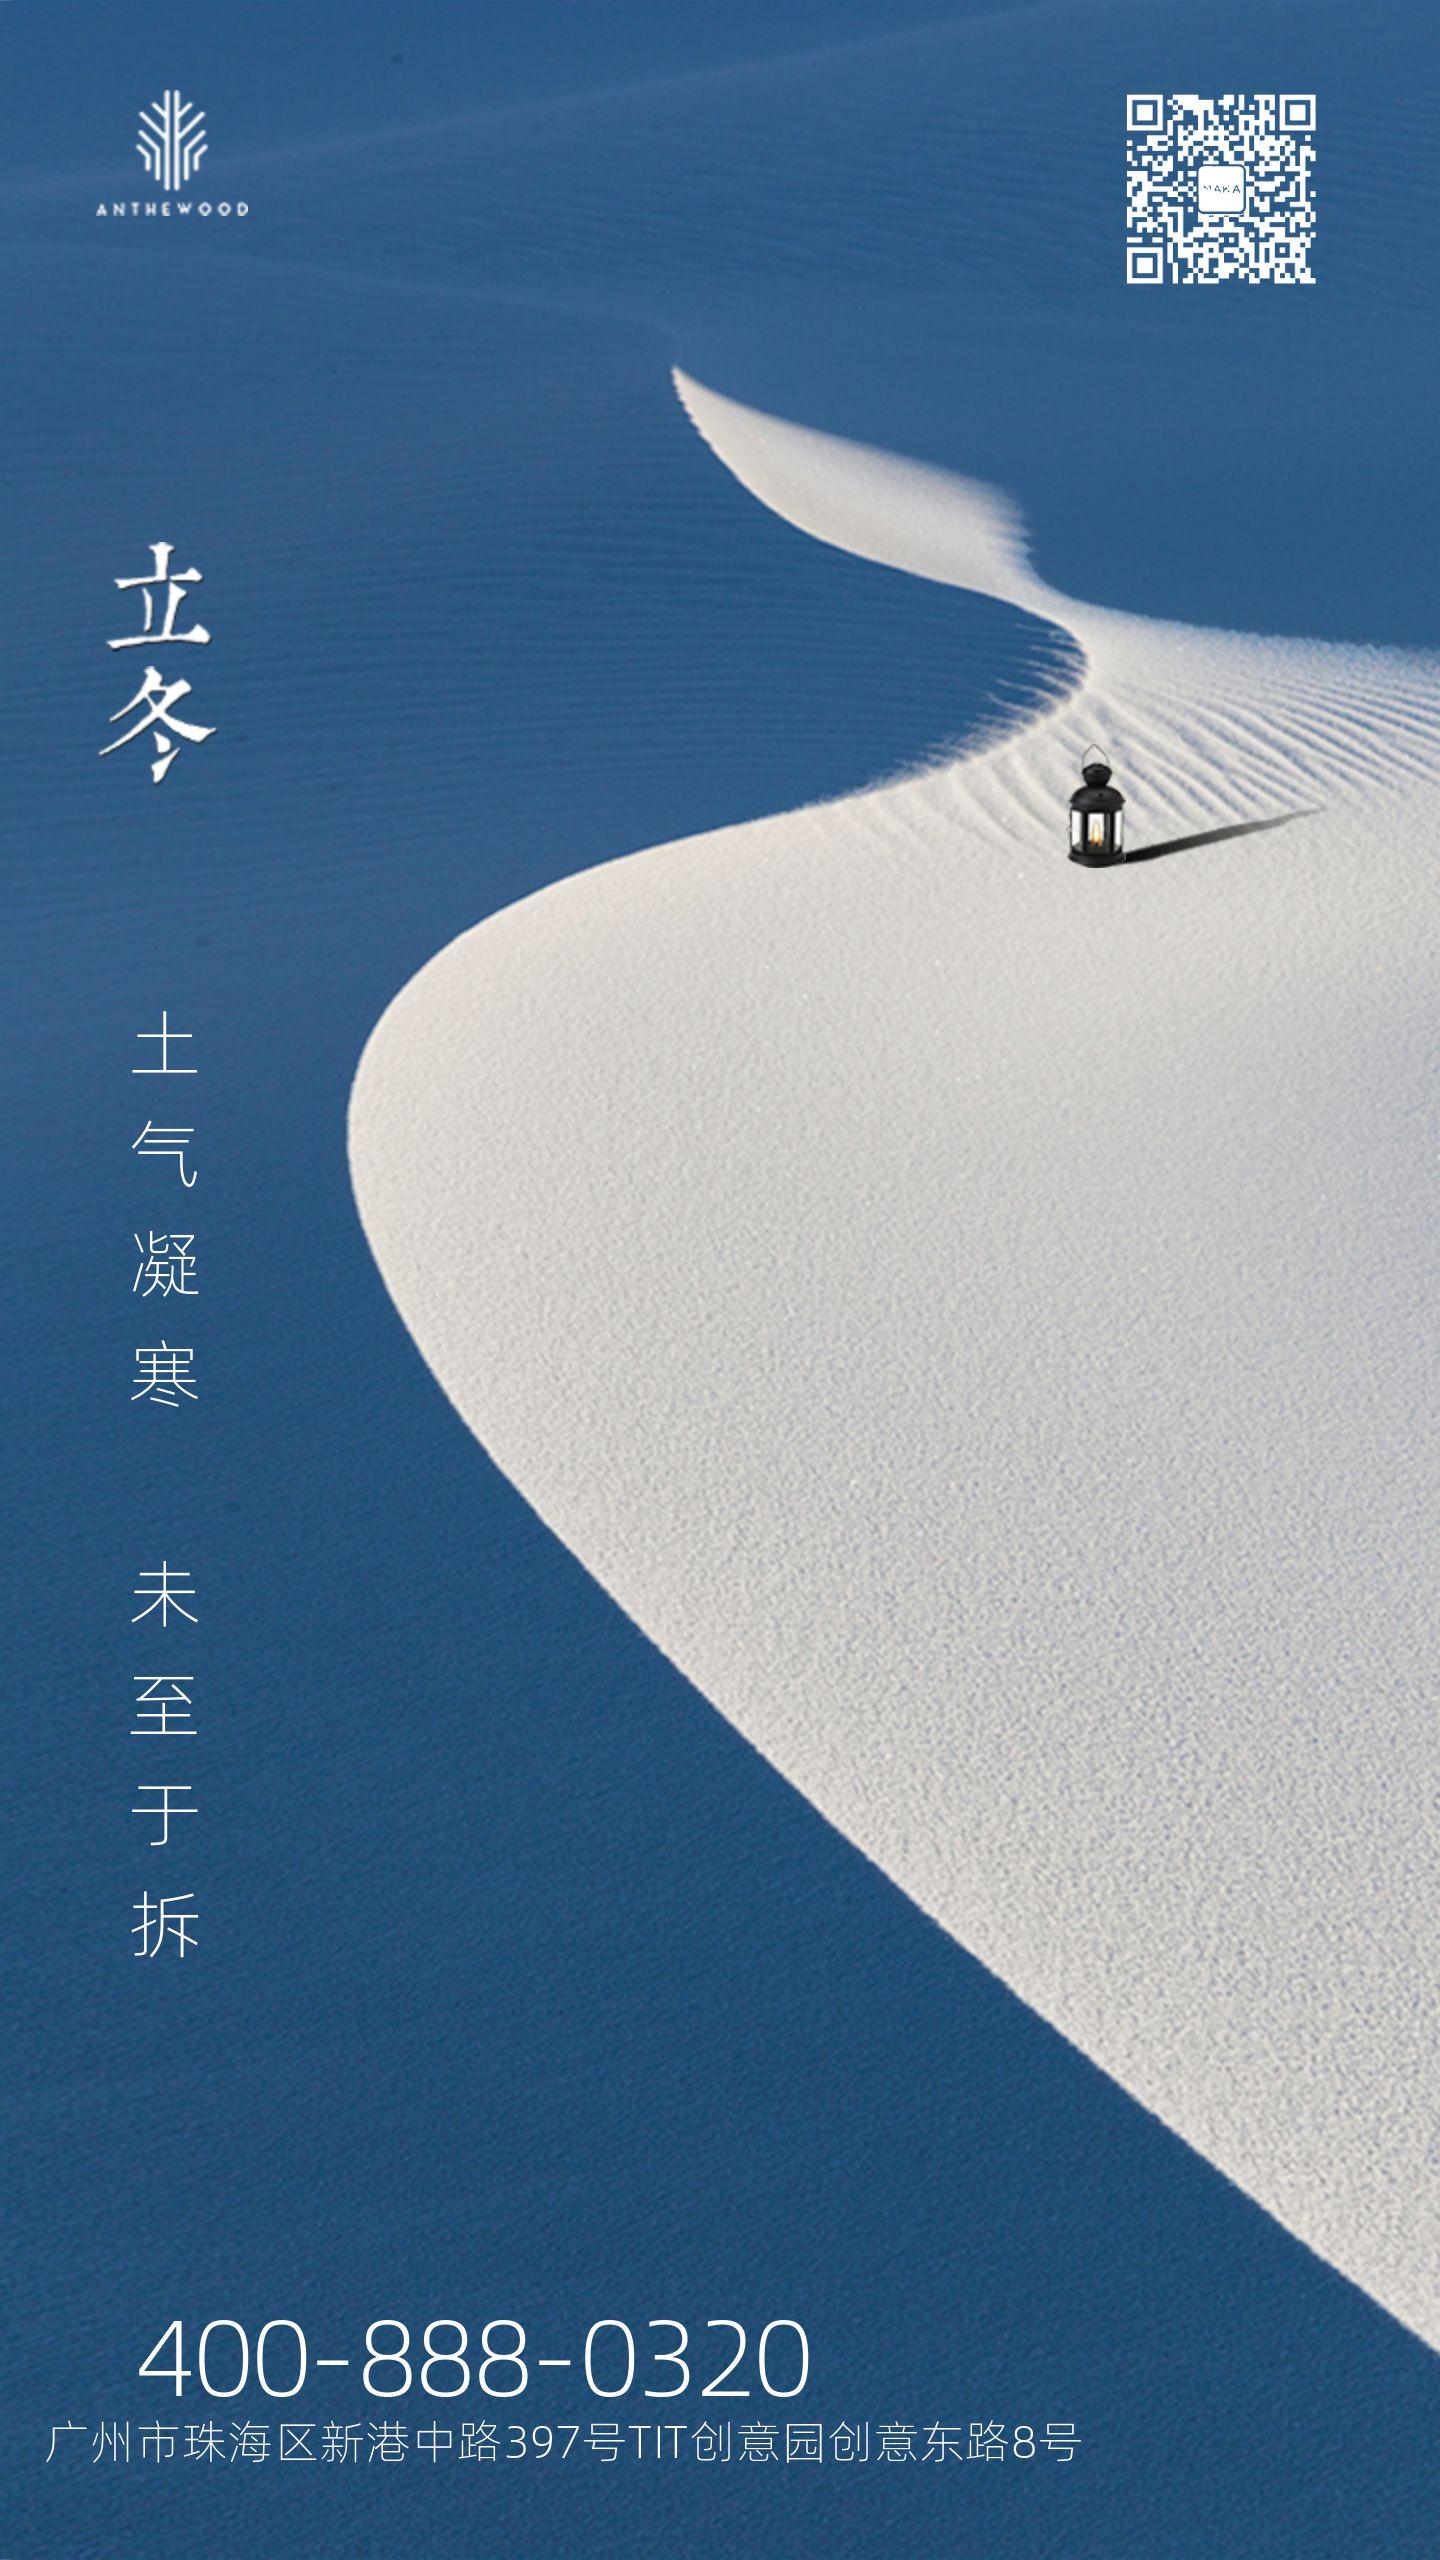 简约创意抽象大雪立冬节气日签房地产日签心情语录早安二十四节气宣传海报